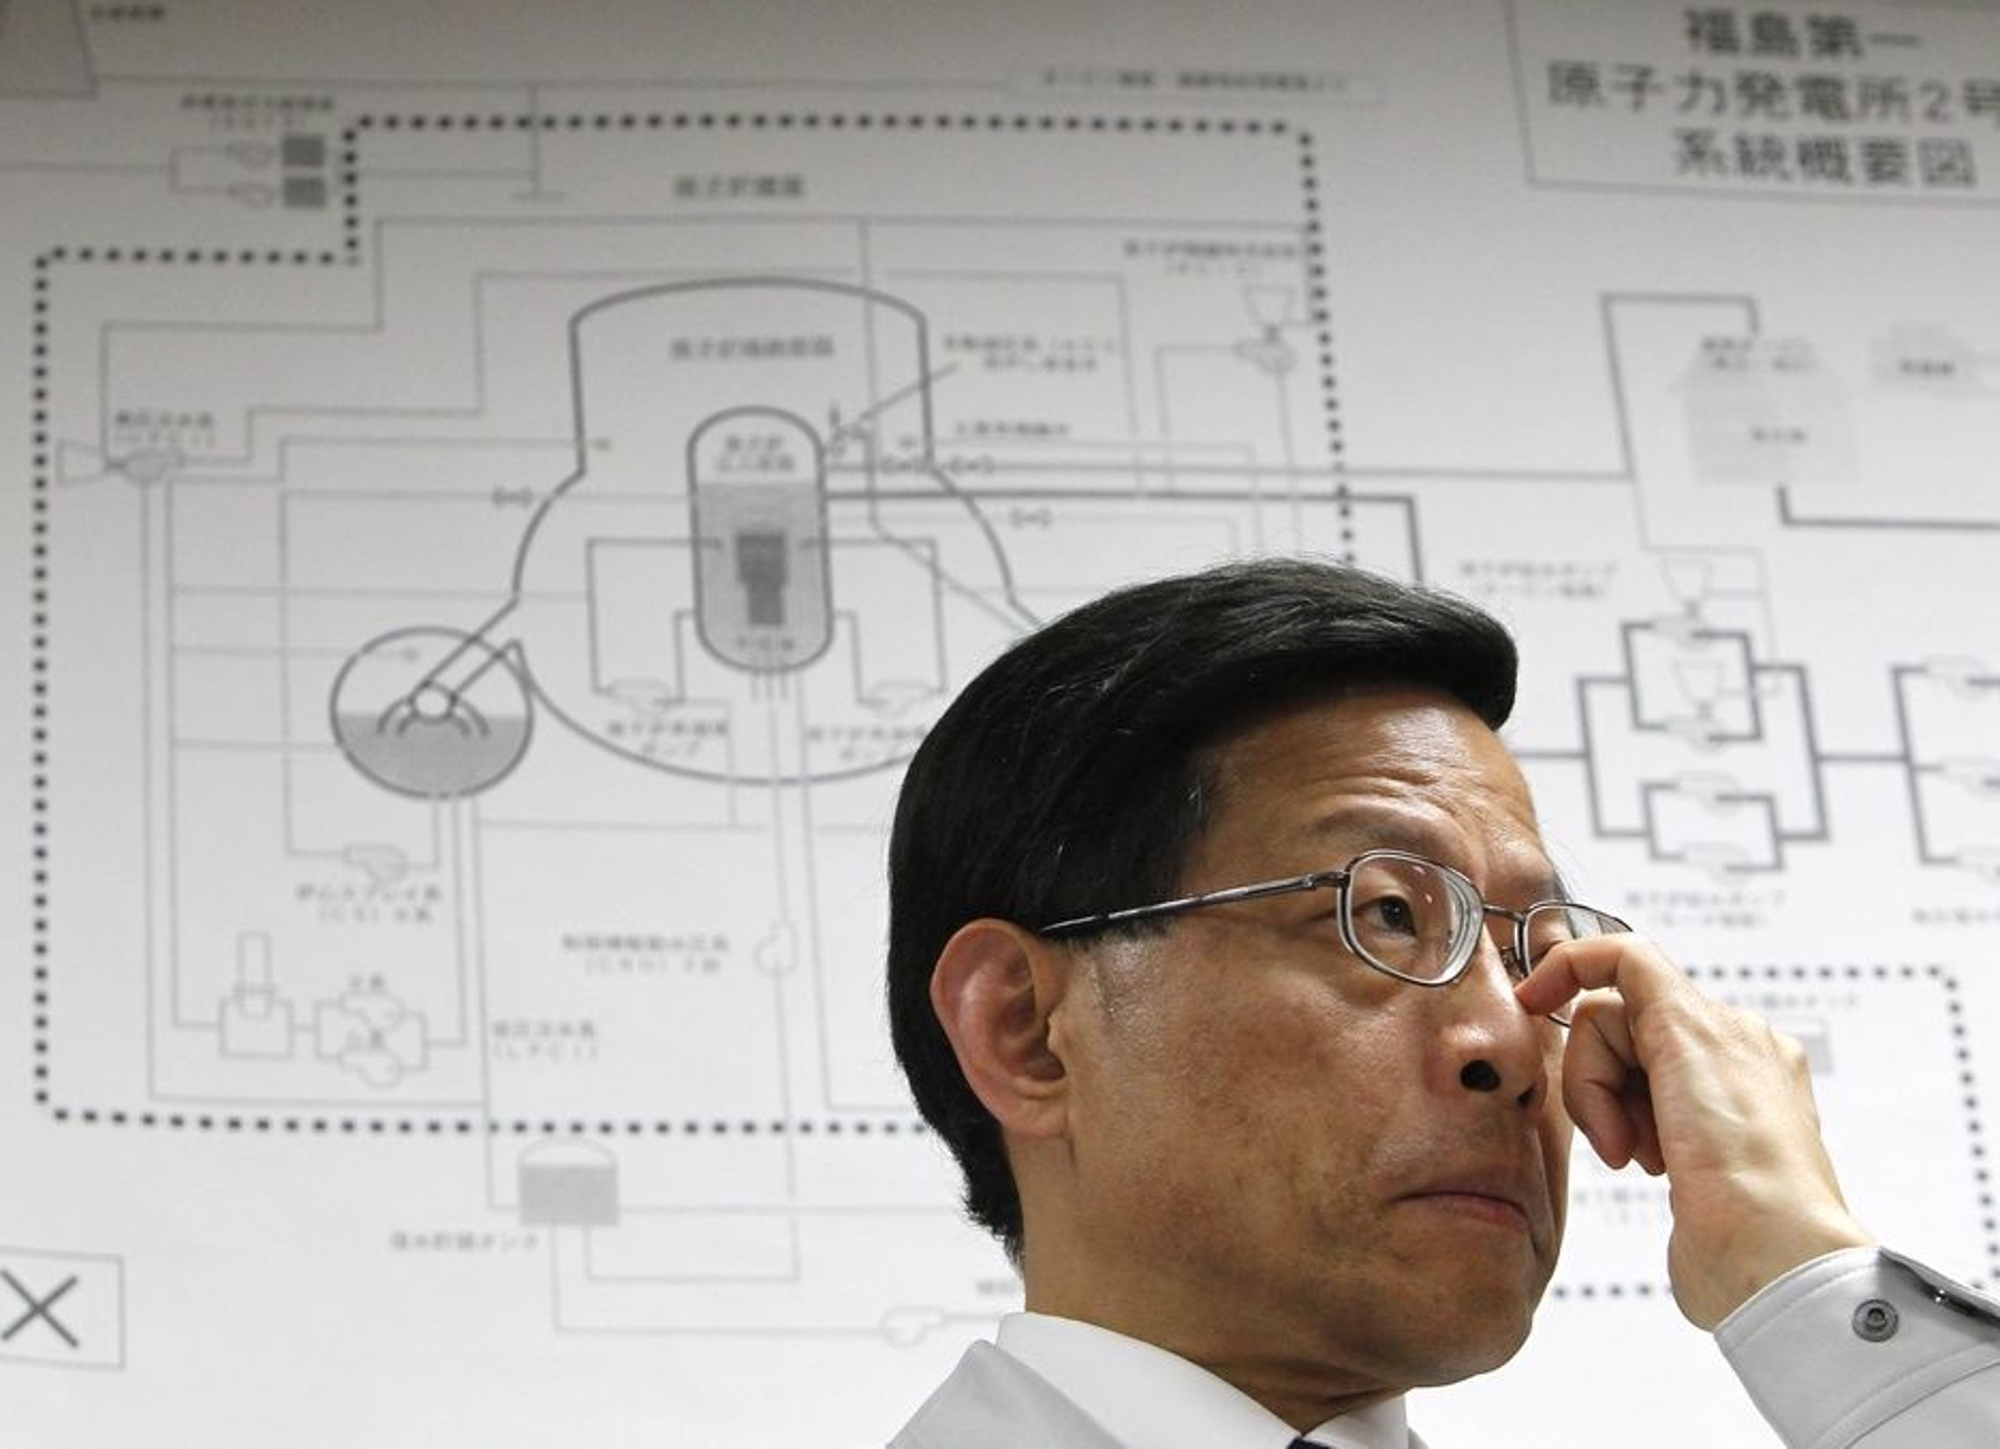 Hidehiko Nishiyama i Japans atomsikkerhetskommisjon foran en tegning av reaktor to ved det ulykkesrammede atomkraftverket Fukushima Daiichi.